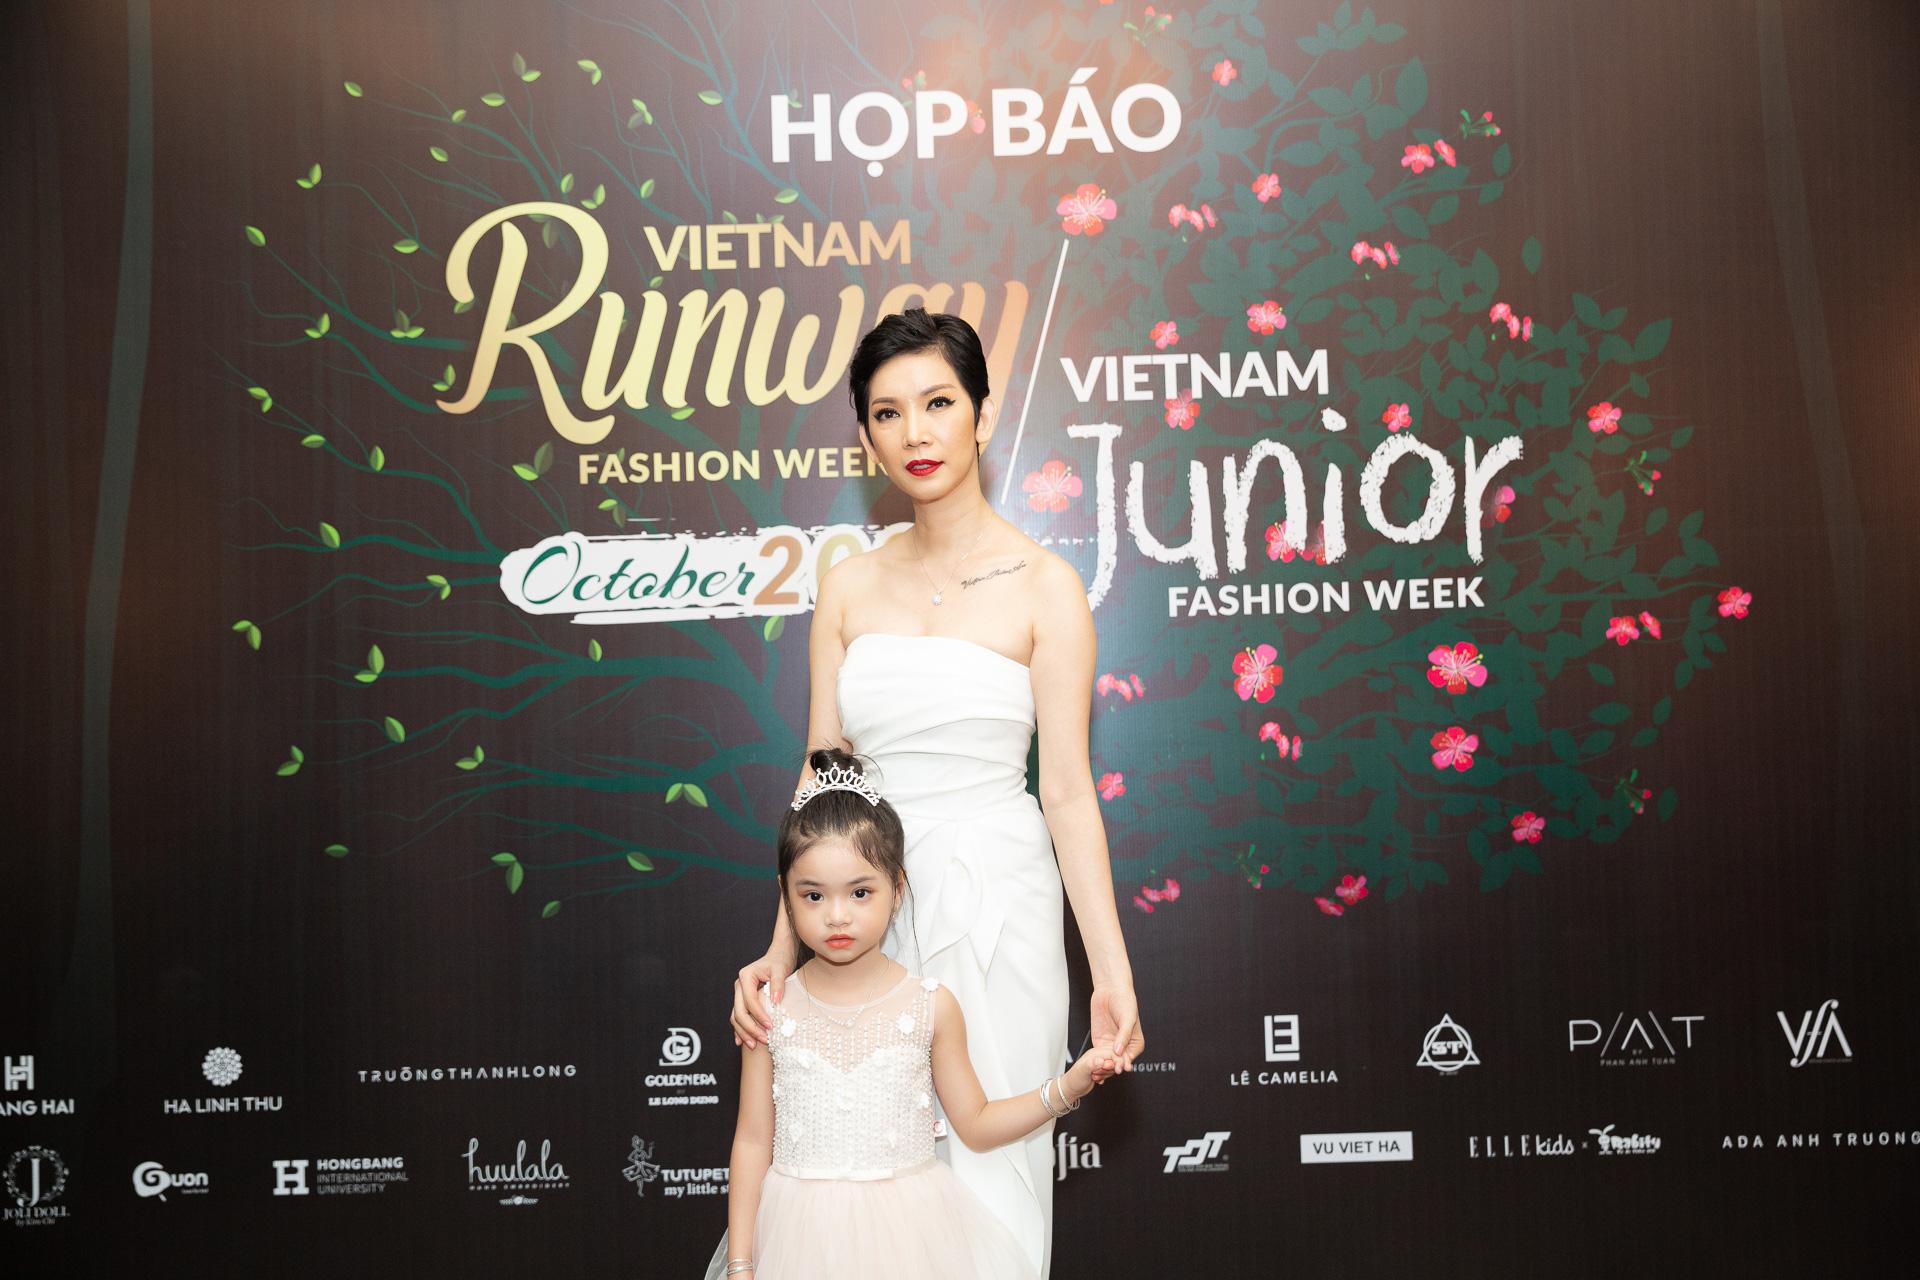 Hoàng Hải, Hà Linh Thư mở màn show diễn thời trang Vietnam Runway Fashion Week  - Ảnh 5.